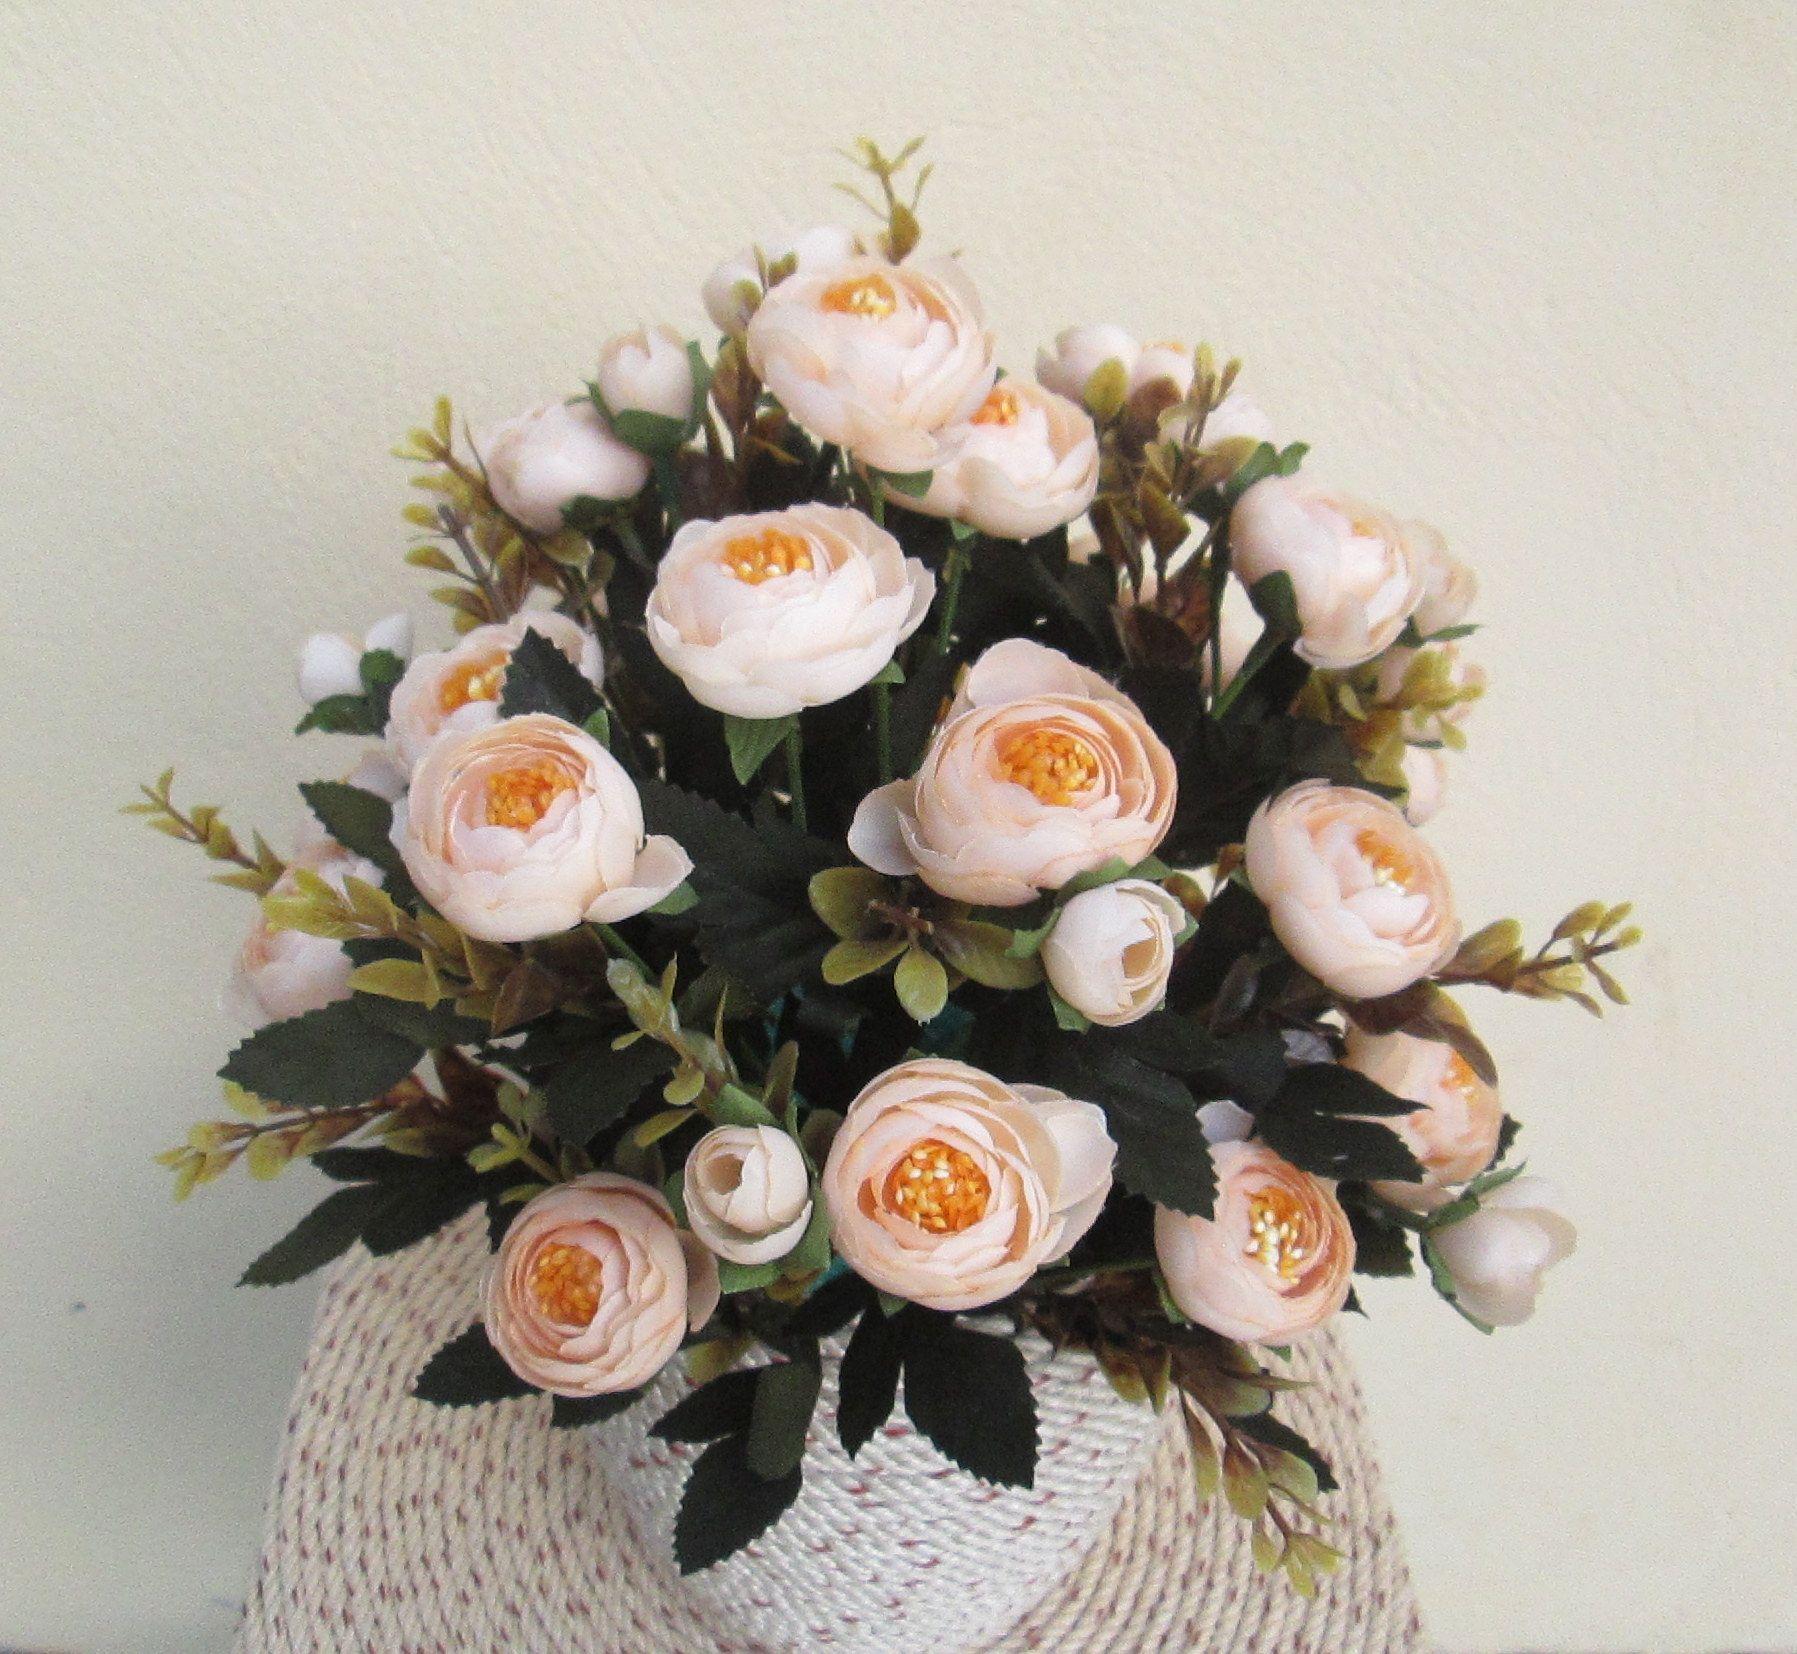 Hoa trà mi giả màu kem nhìn đẹp không kém gì hoa thật